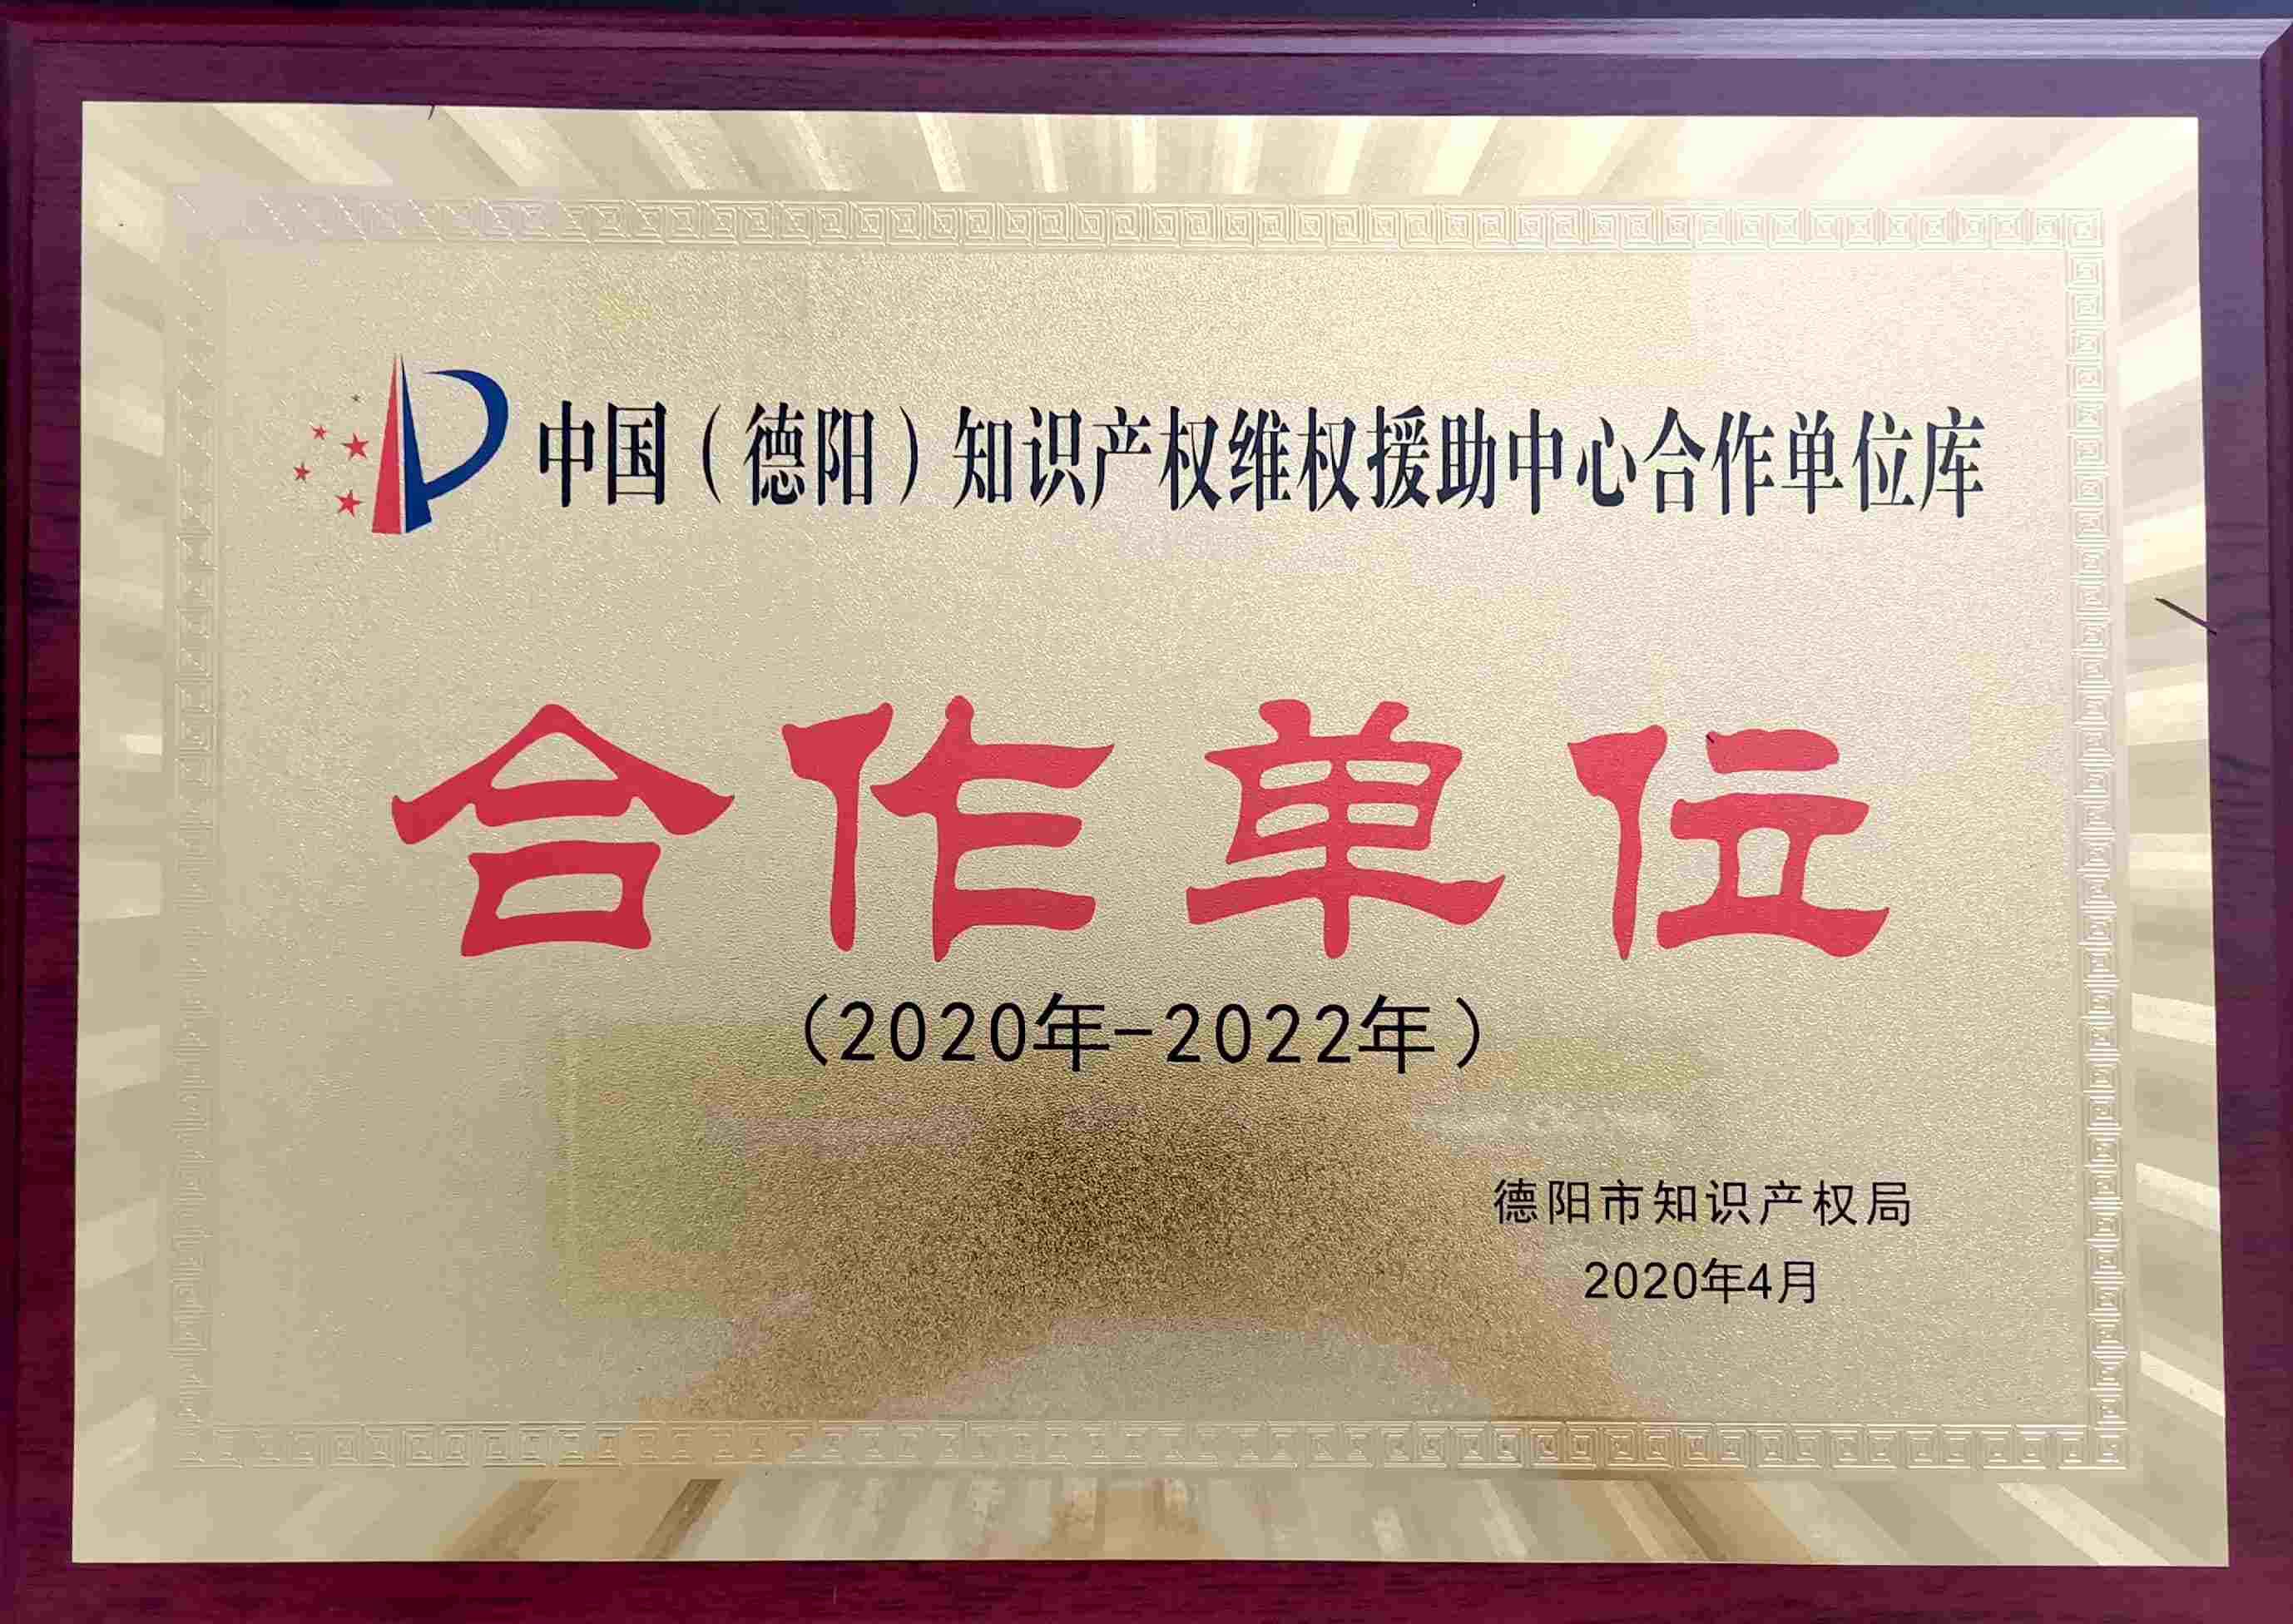 中国(德阳)知识产权维权援助中心合作单位